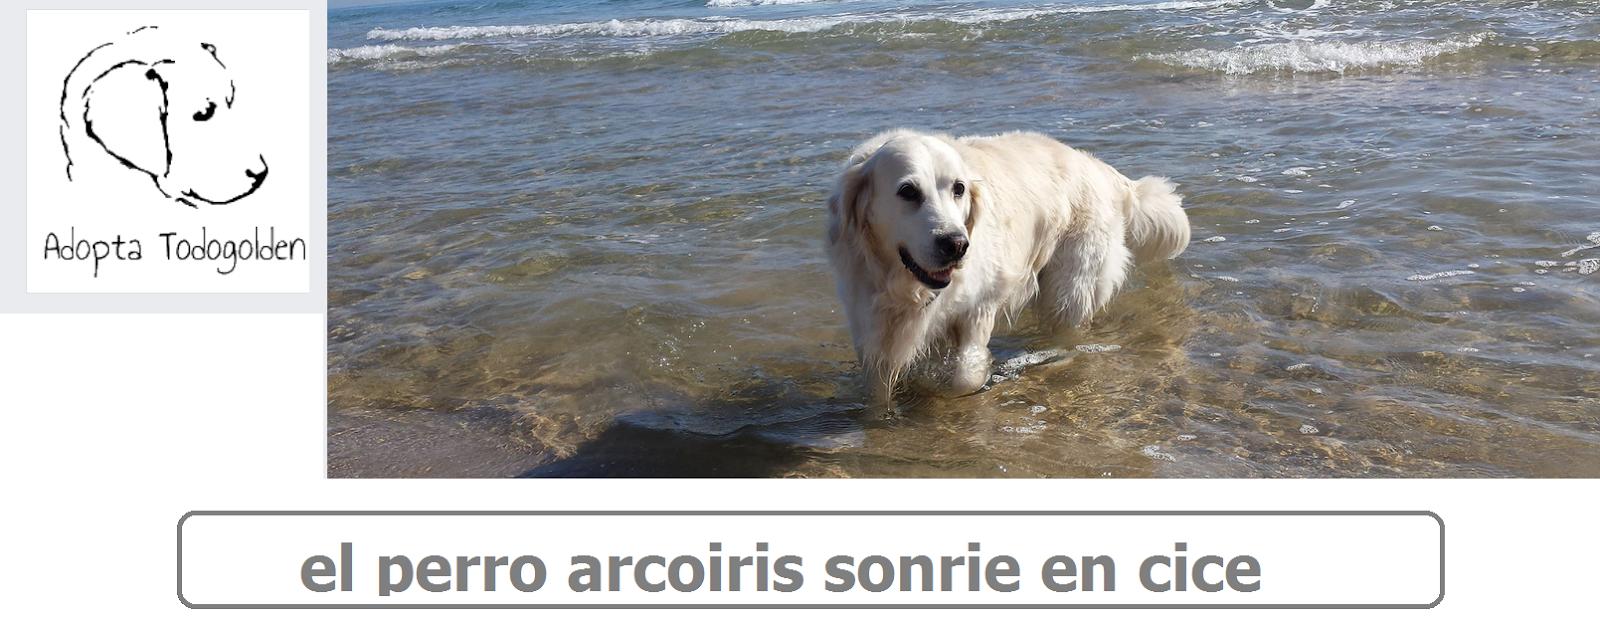 el perro arcoiris que sonrie en cice -goldenretriever